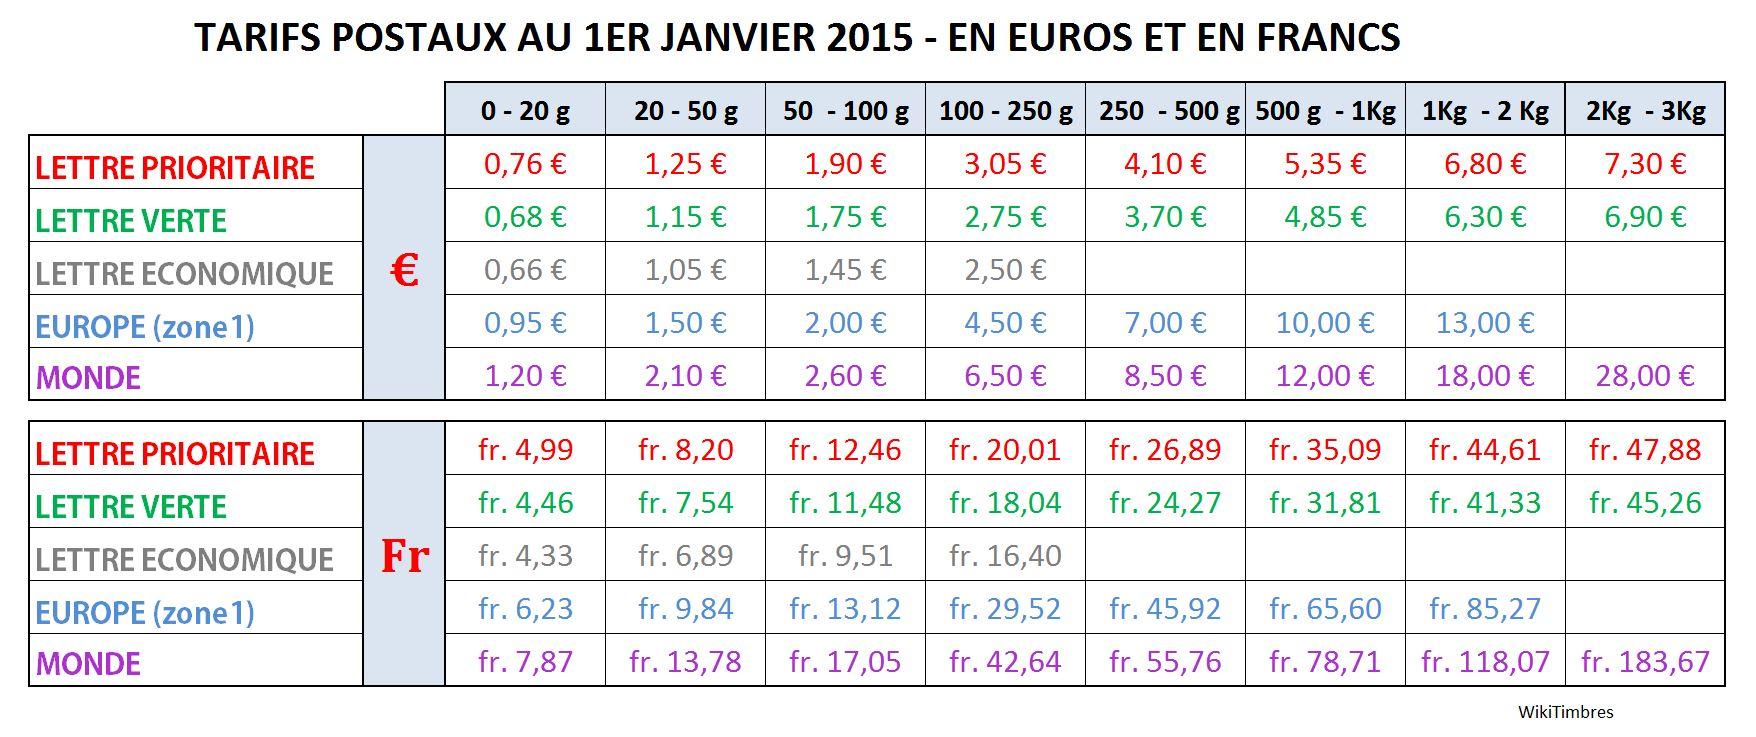 Nouveaux tarifs postaux 2015 en euros et en francs pour t l charger clic - Calculateur tarif la poste ...